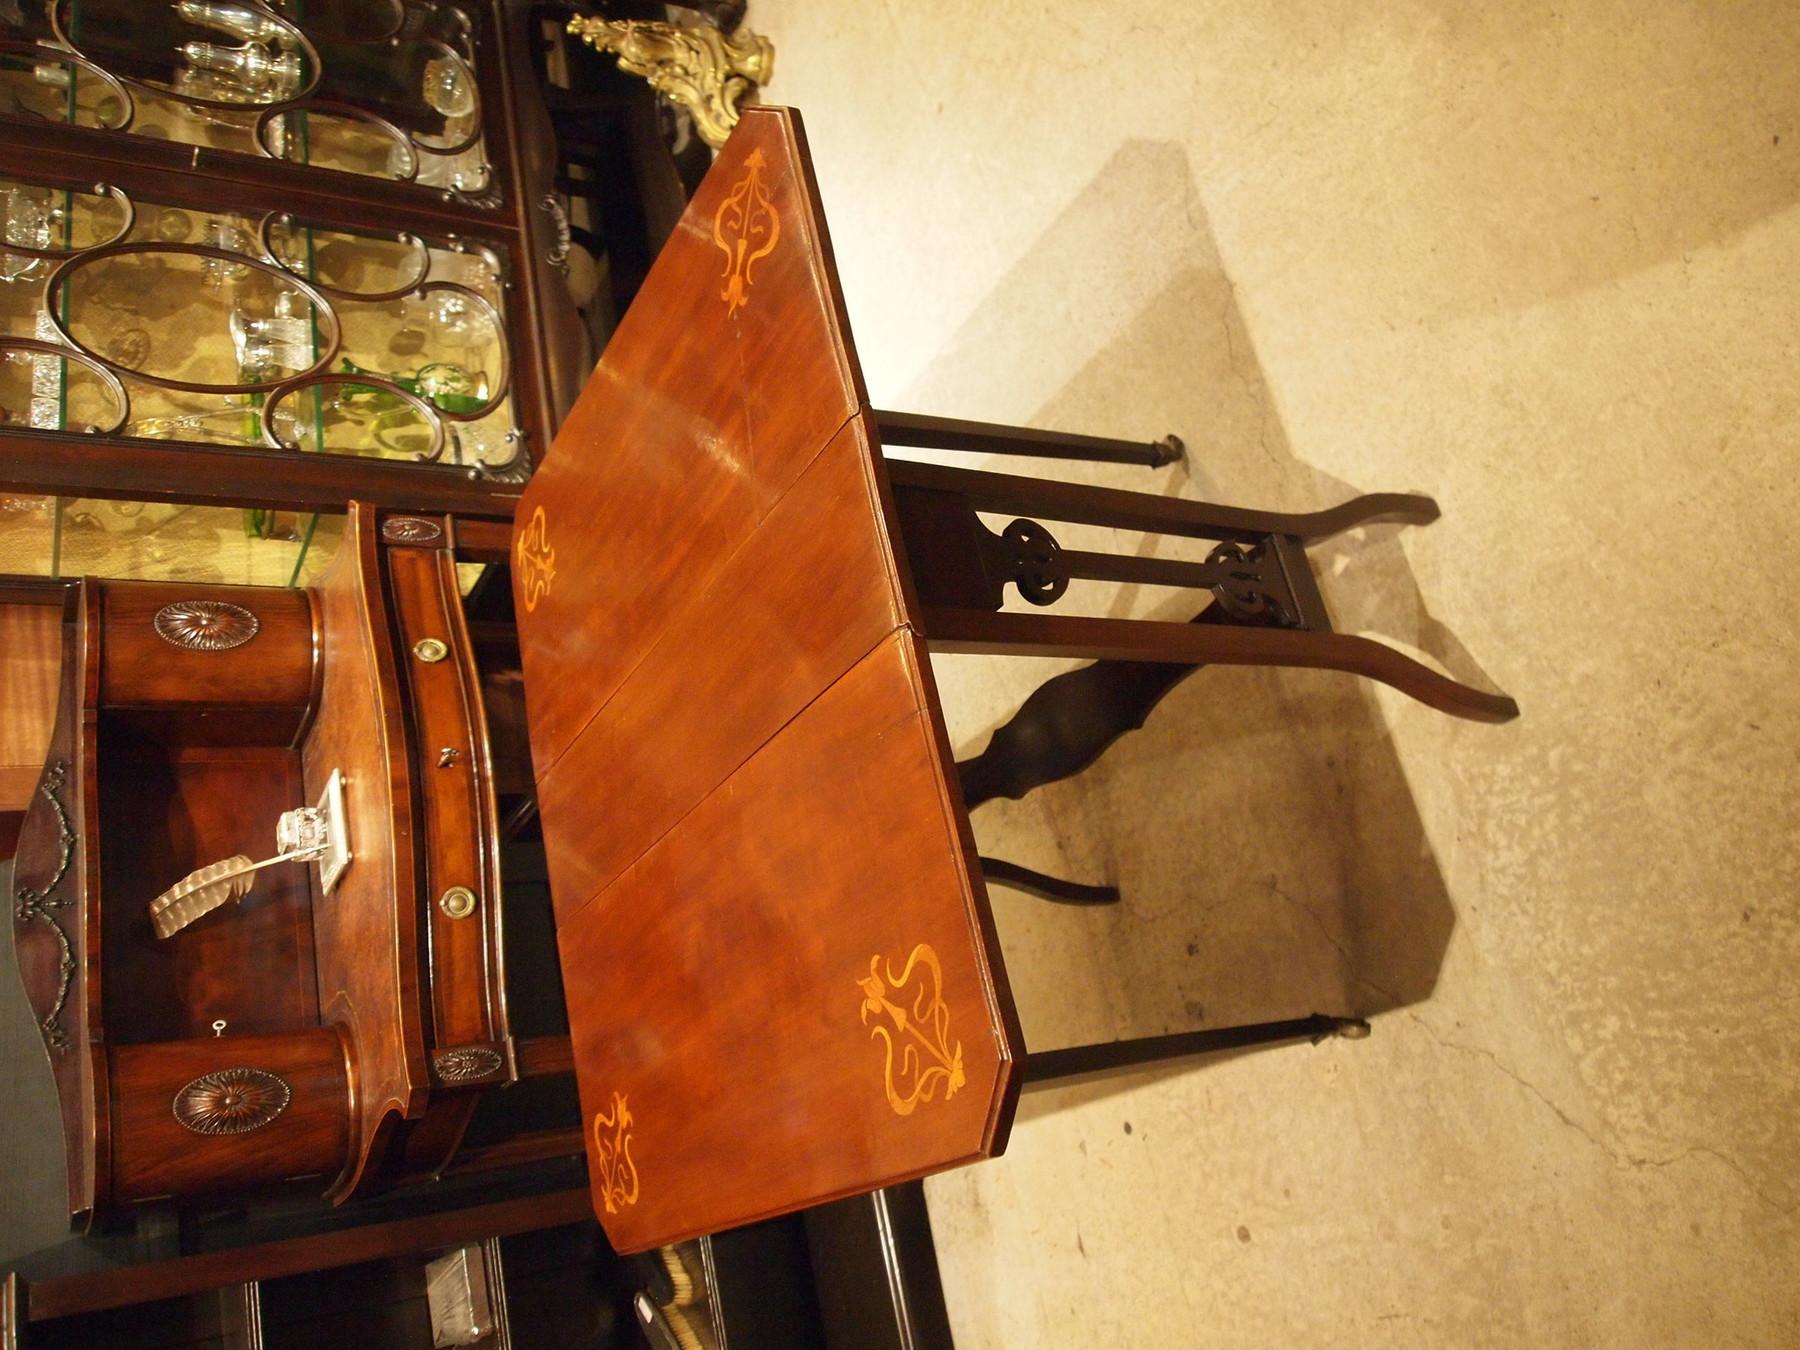 table201016a_02.JPG